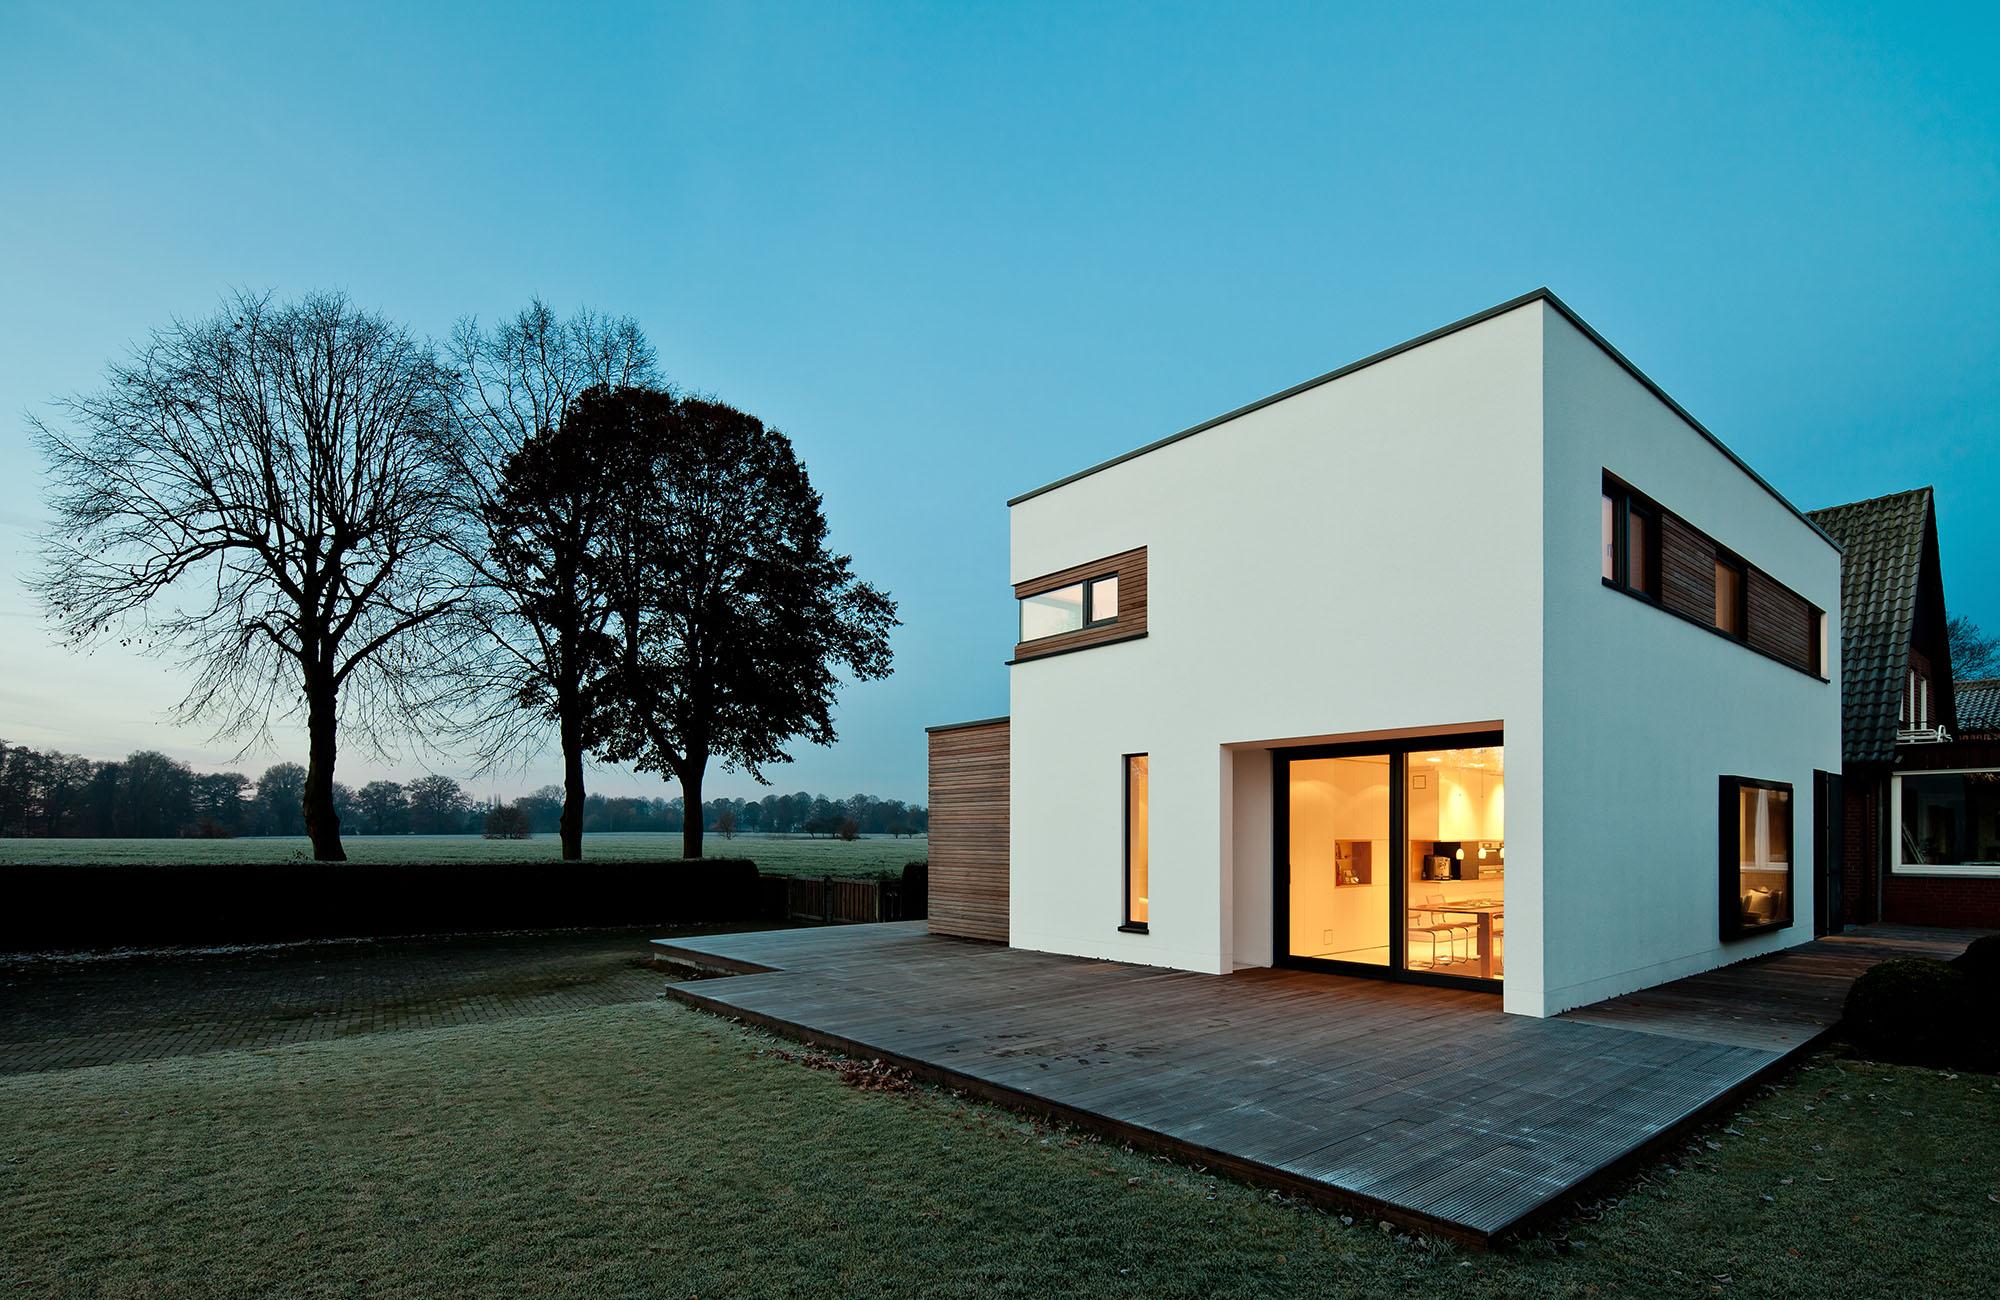 neubau haus architekt und handwerk m nster raumfabrik. Black Bedroom Furniture Sets. Home Design Ideas